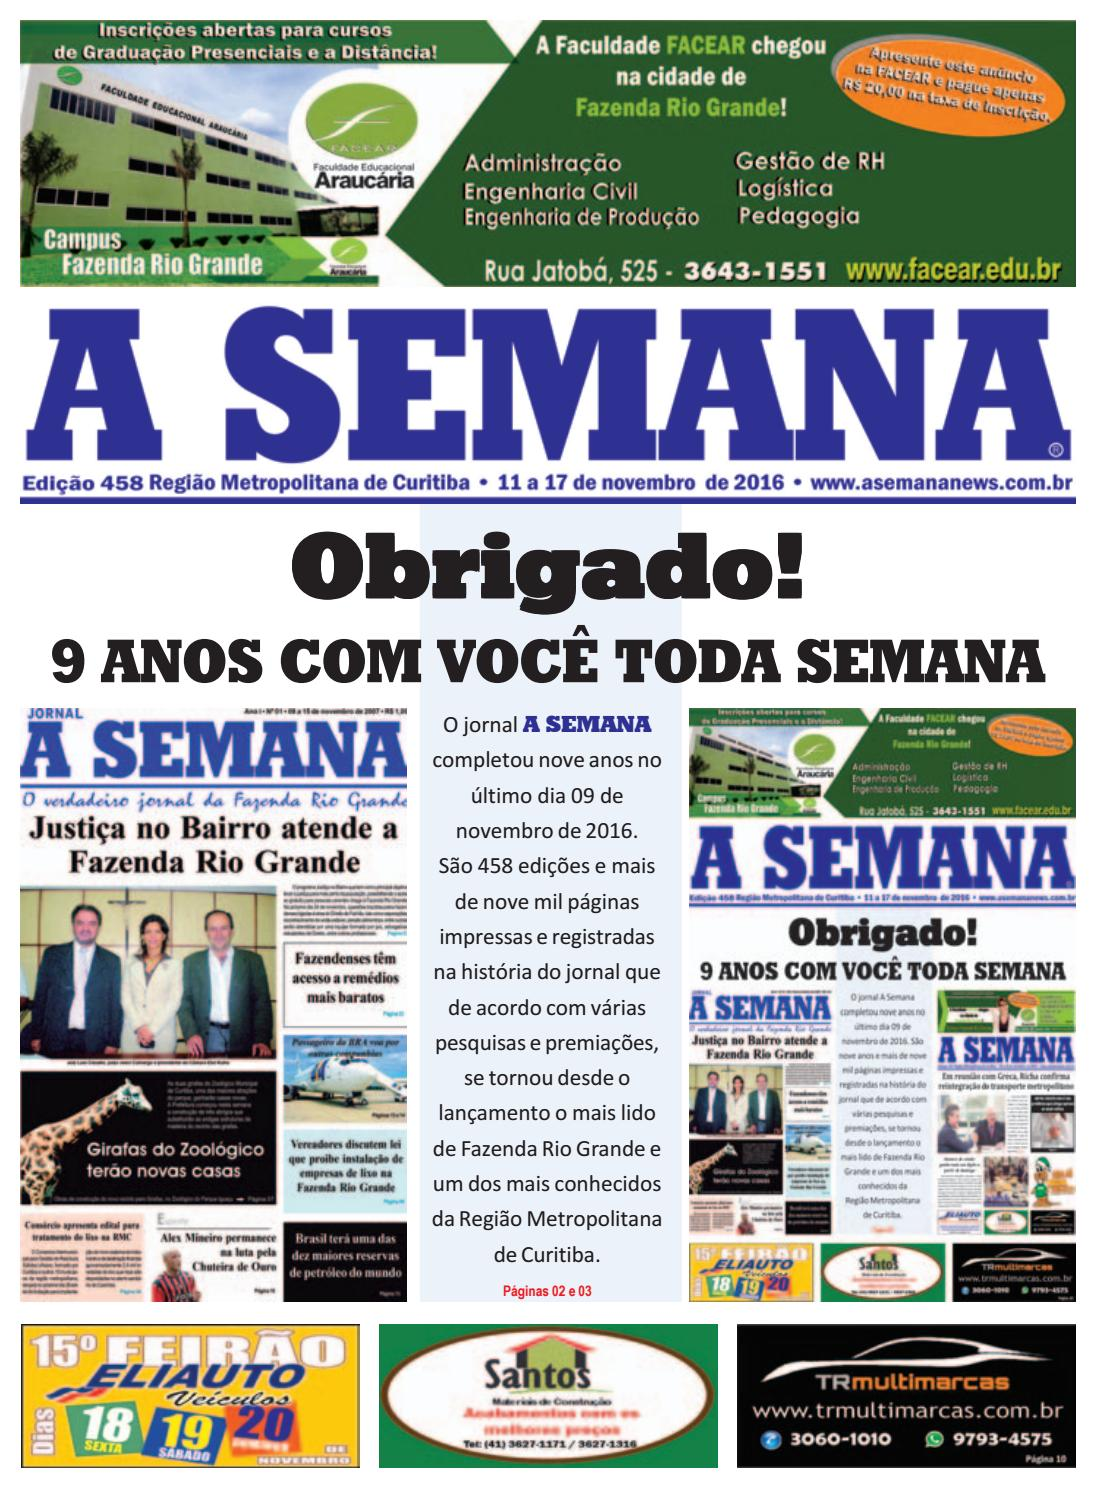 edição 458 by asemana news - issuu 8facbb548f